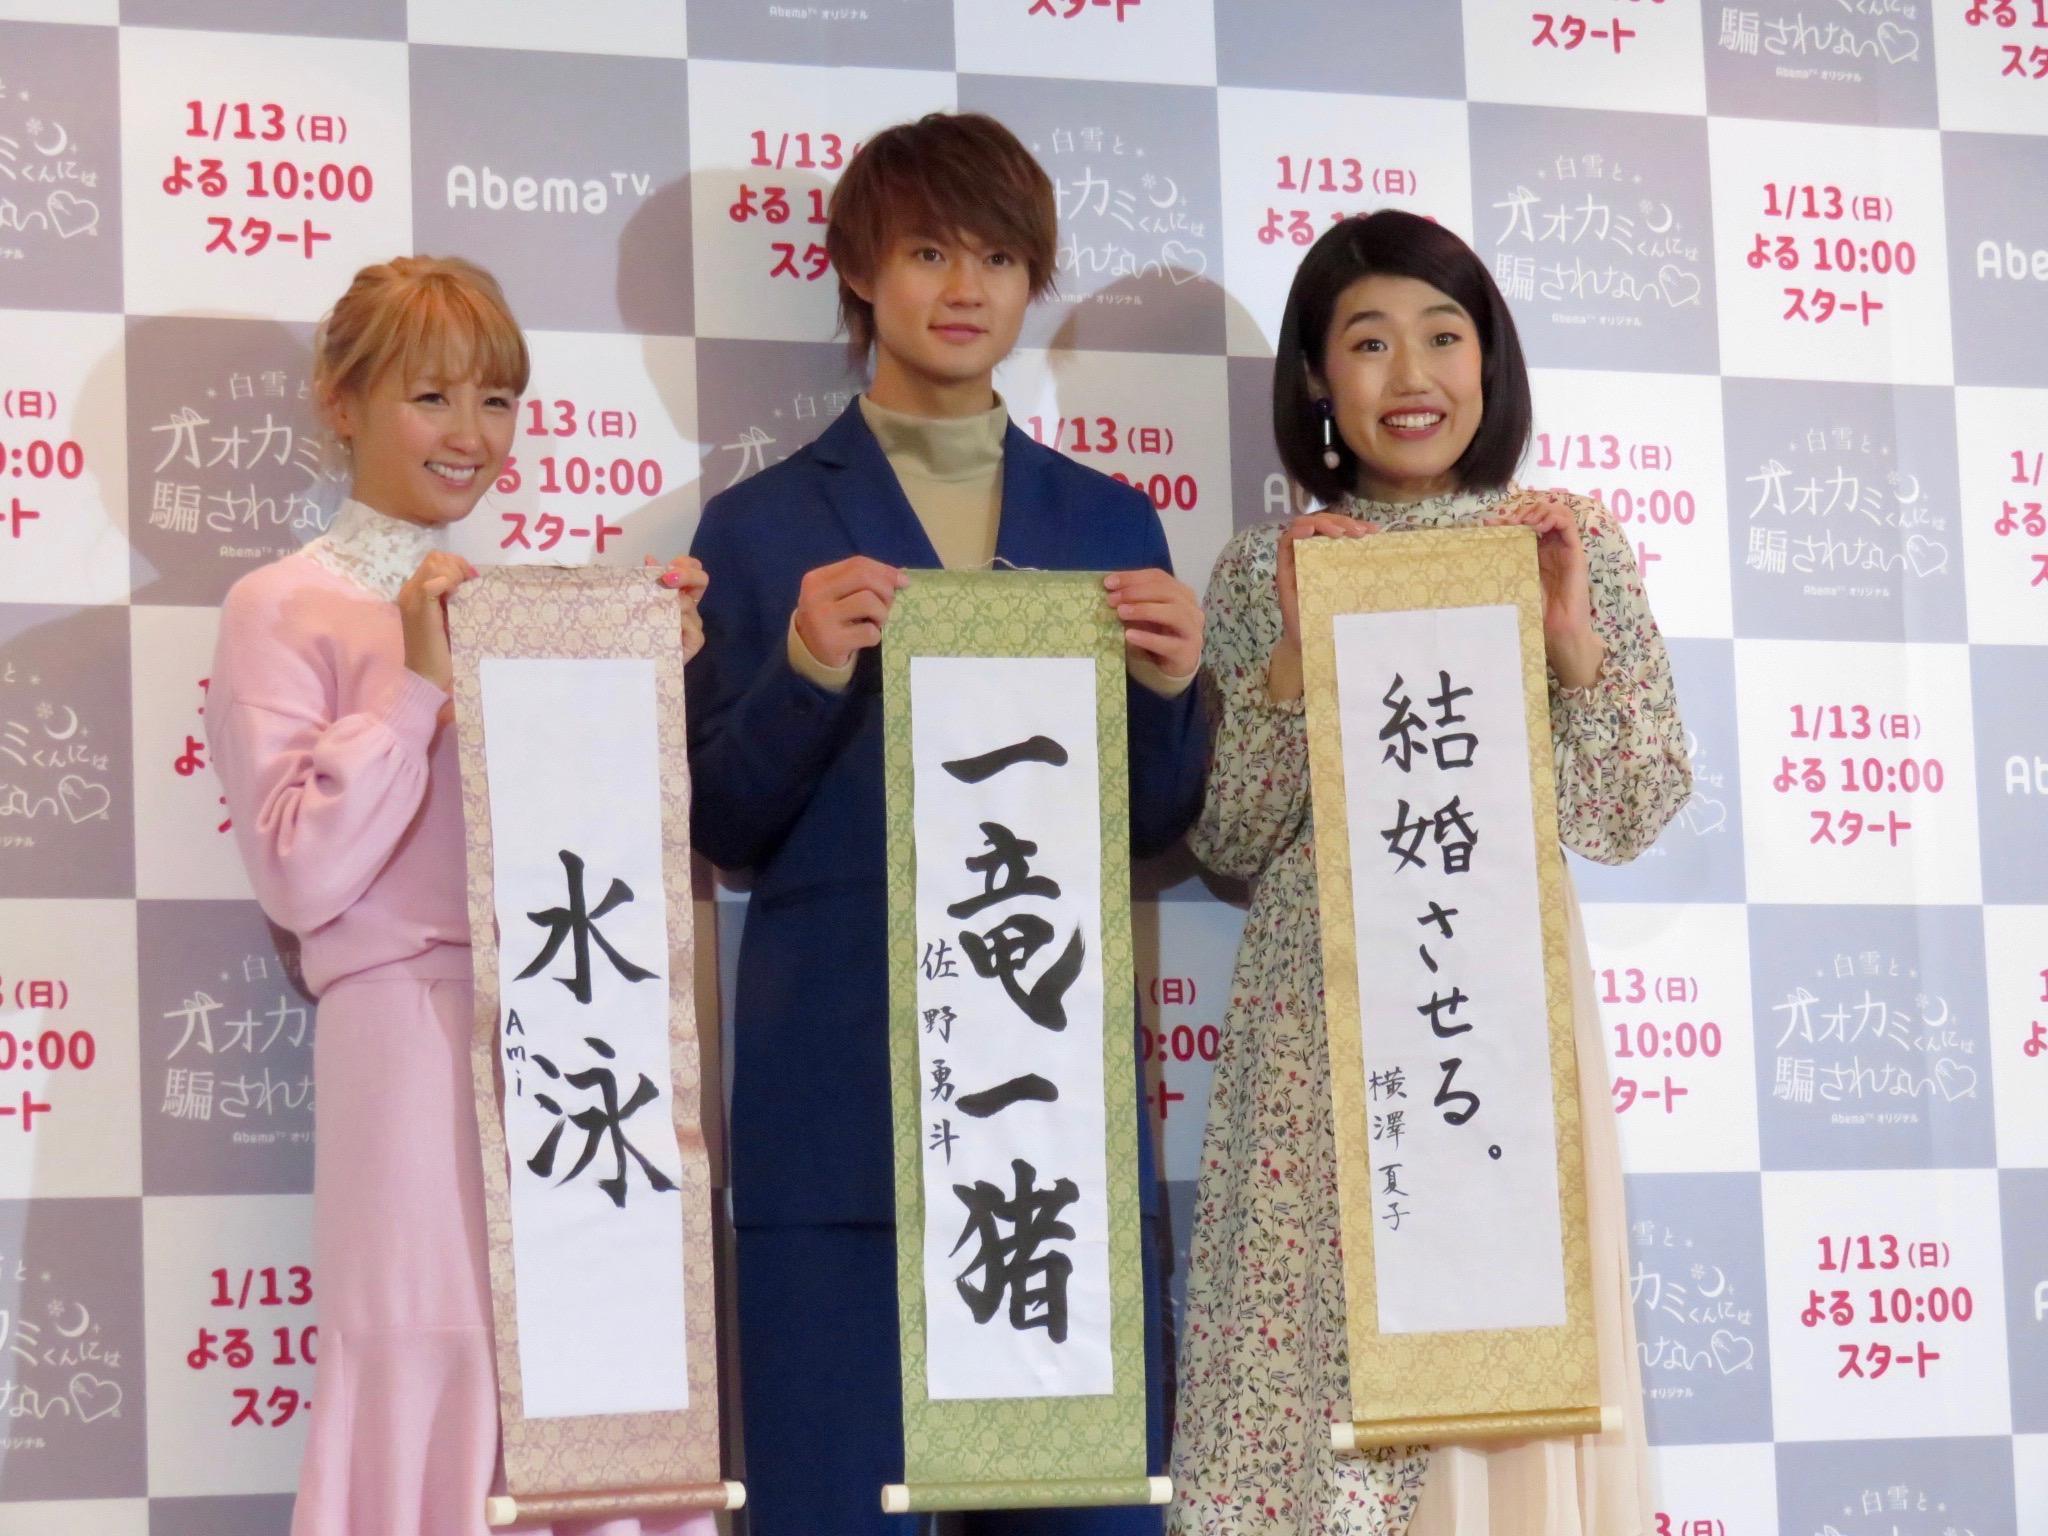 http://news.yoshimoto.co.jp/20190110203752-fd9068b13285b92d543d9bb67742d9ef8aad4f83.jpeg